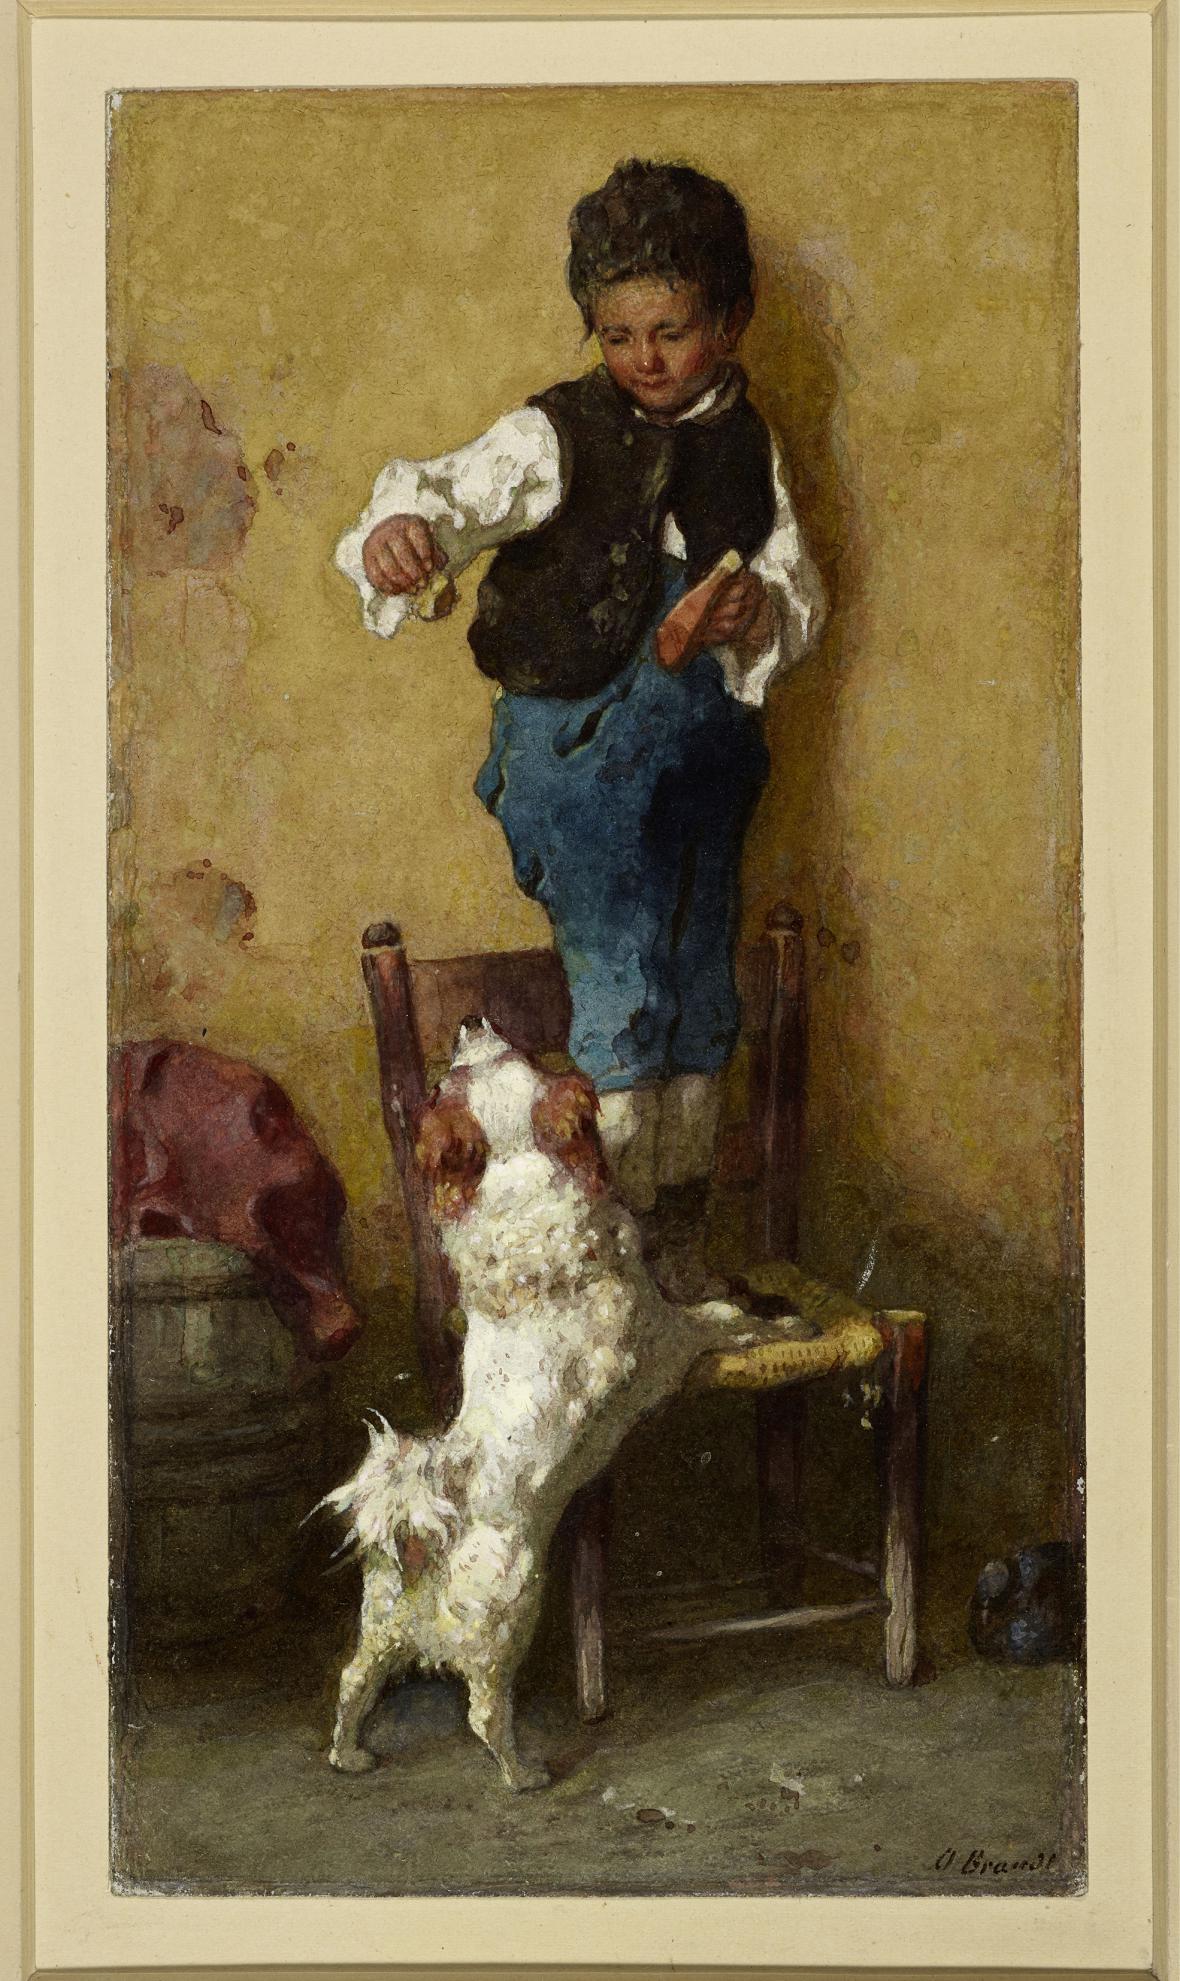 Otto Brandt / Chlapec se psem, kolem 1870-80